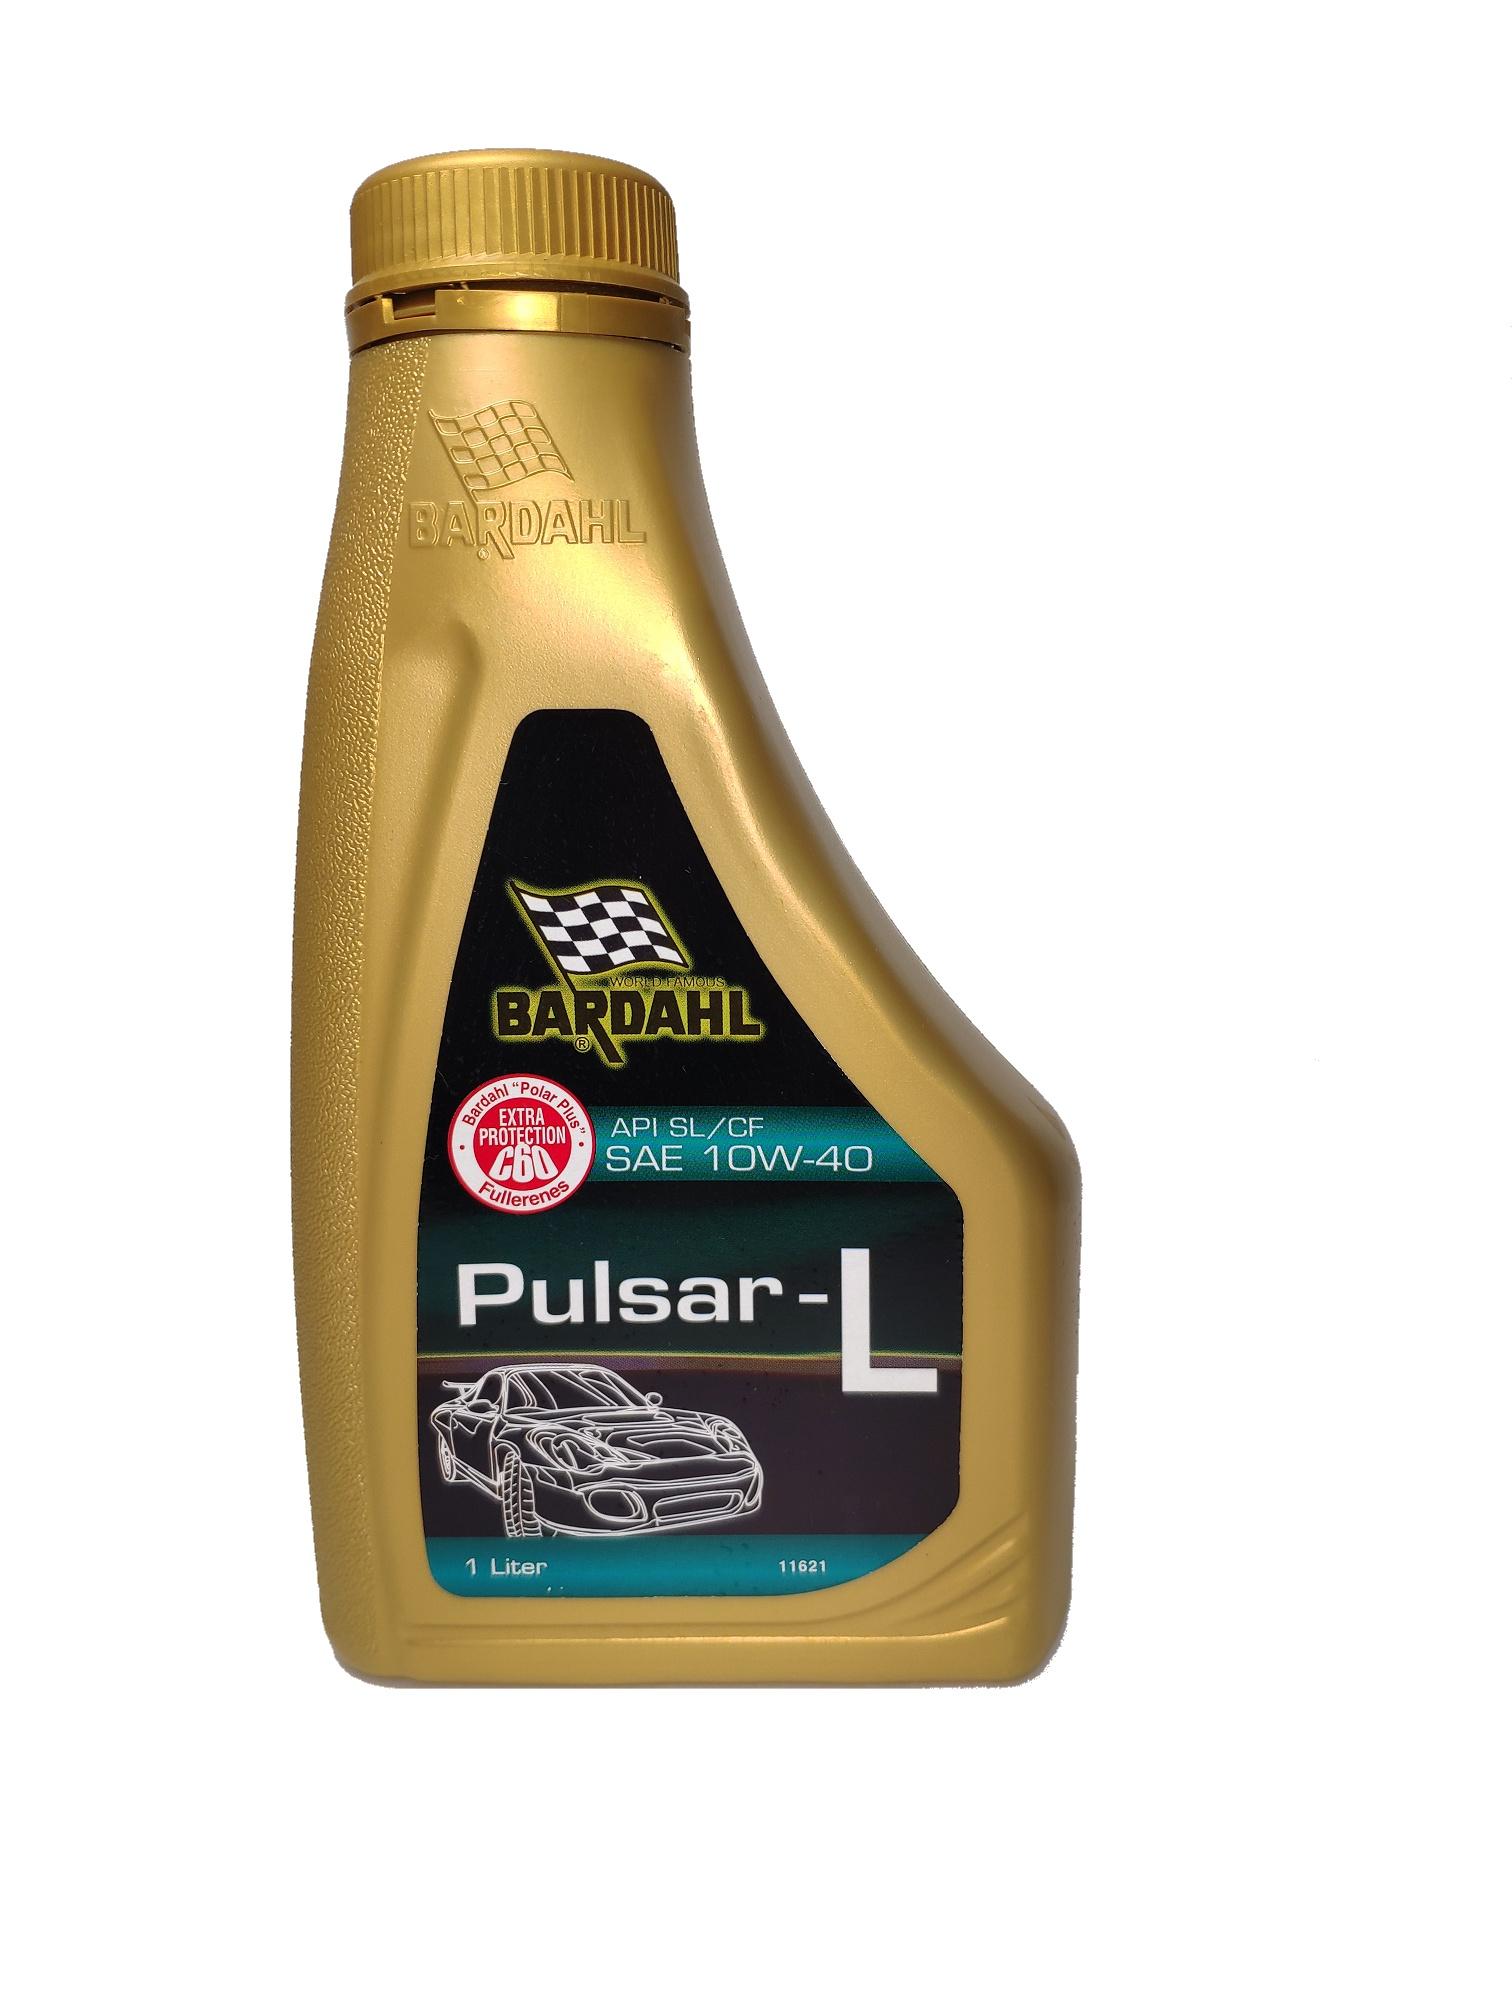 все цены на Масло моторное SAE 10W-40 (Pulsar-L) API SL/CF (полусинтетическое) с содержанием Polar Plus и Fullerene C60 1л онлайн